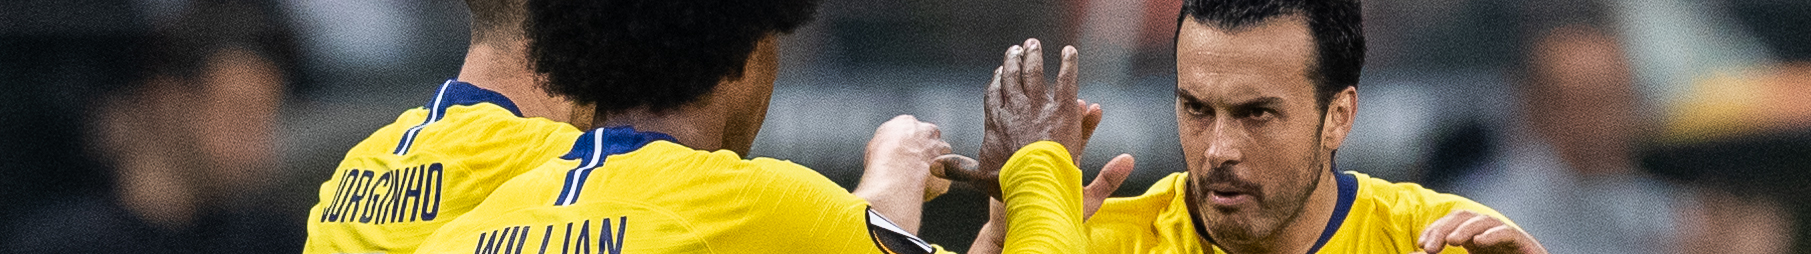 Chelsea-Eintracht, Blues più vicini alla finale ma i tedeschi ci credono